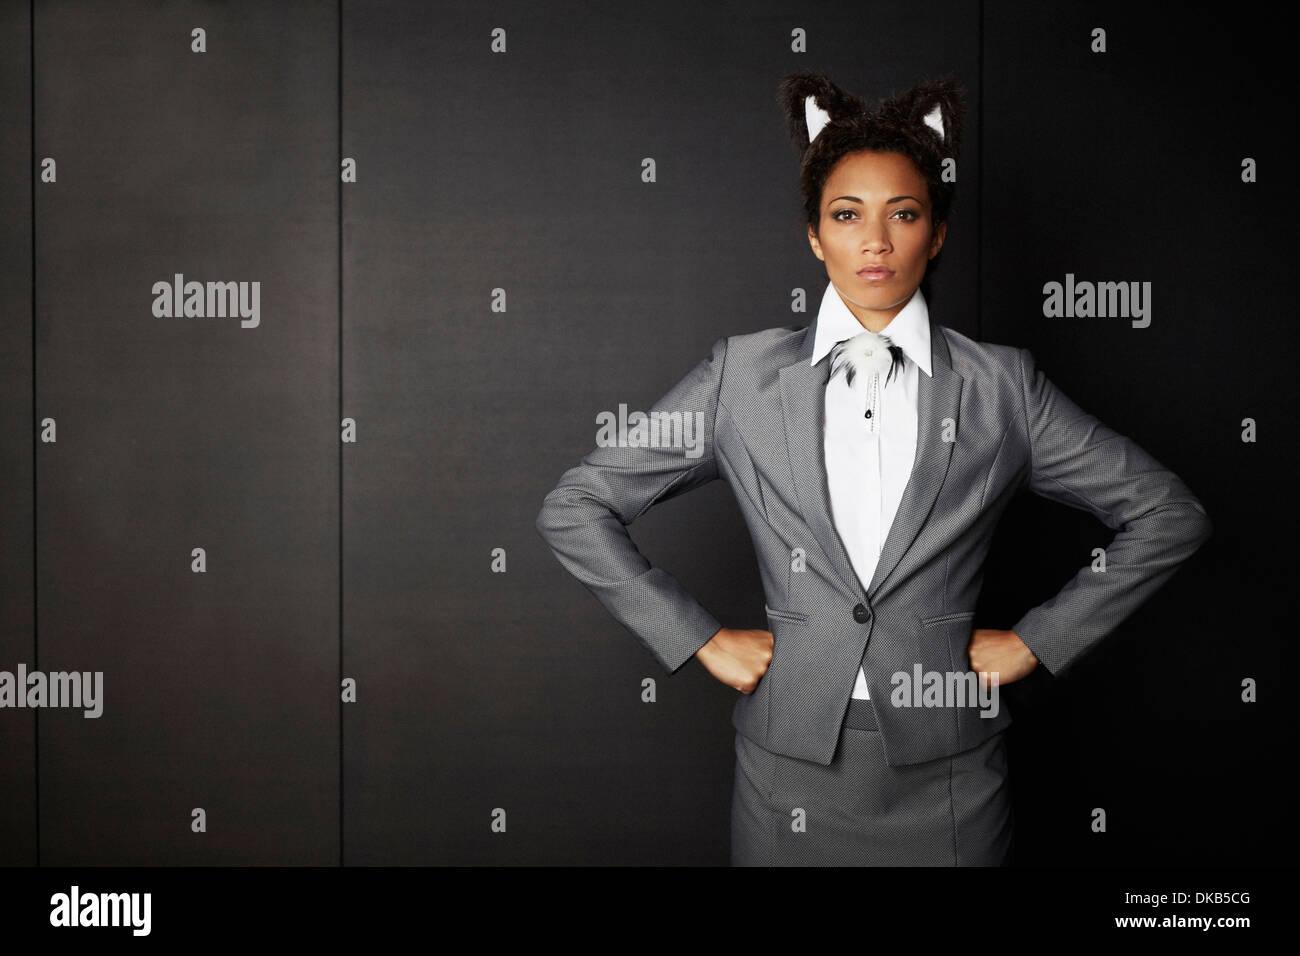 La empresaria vistiendo disfraces orejas Imagen De Stock